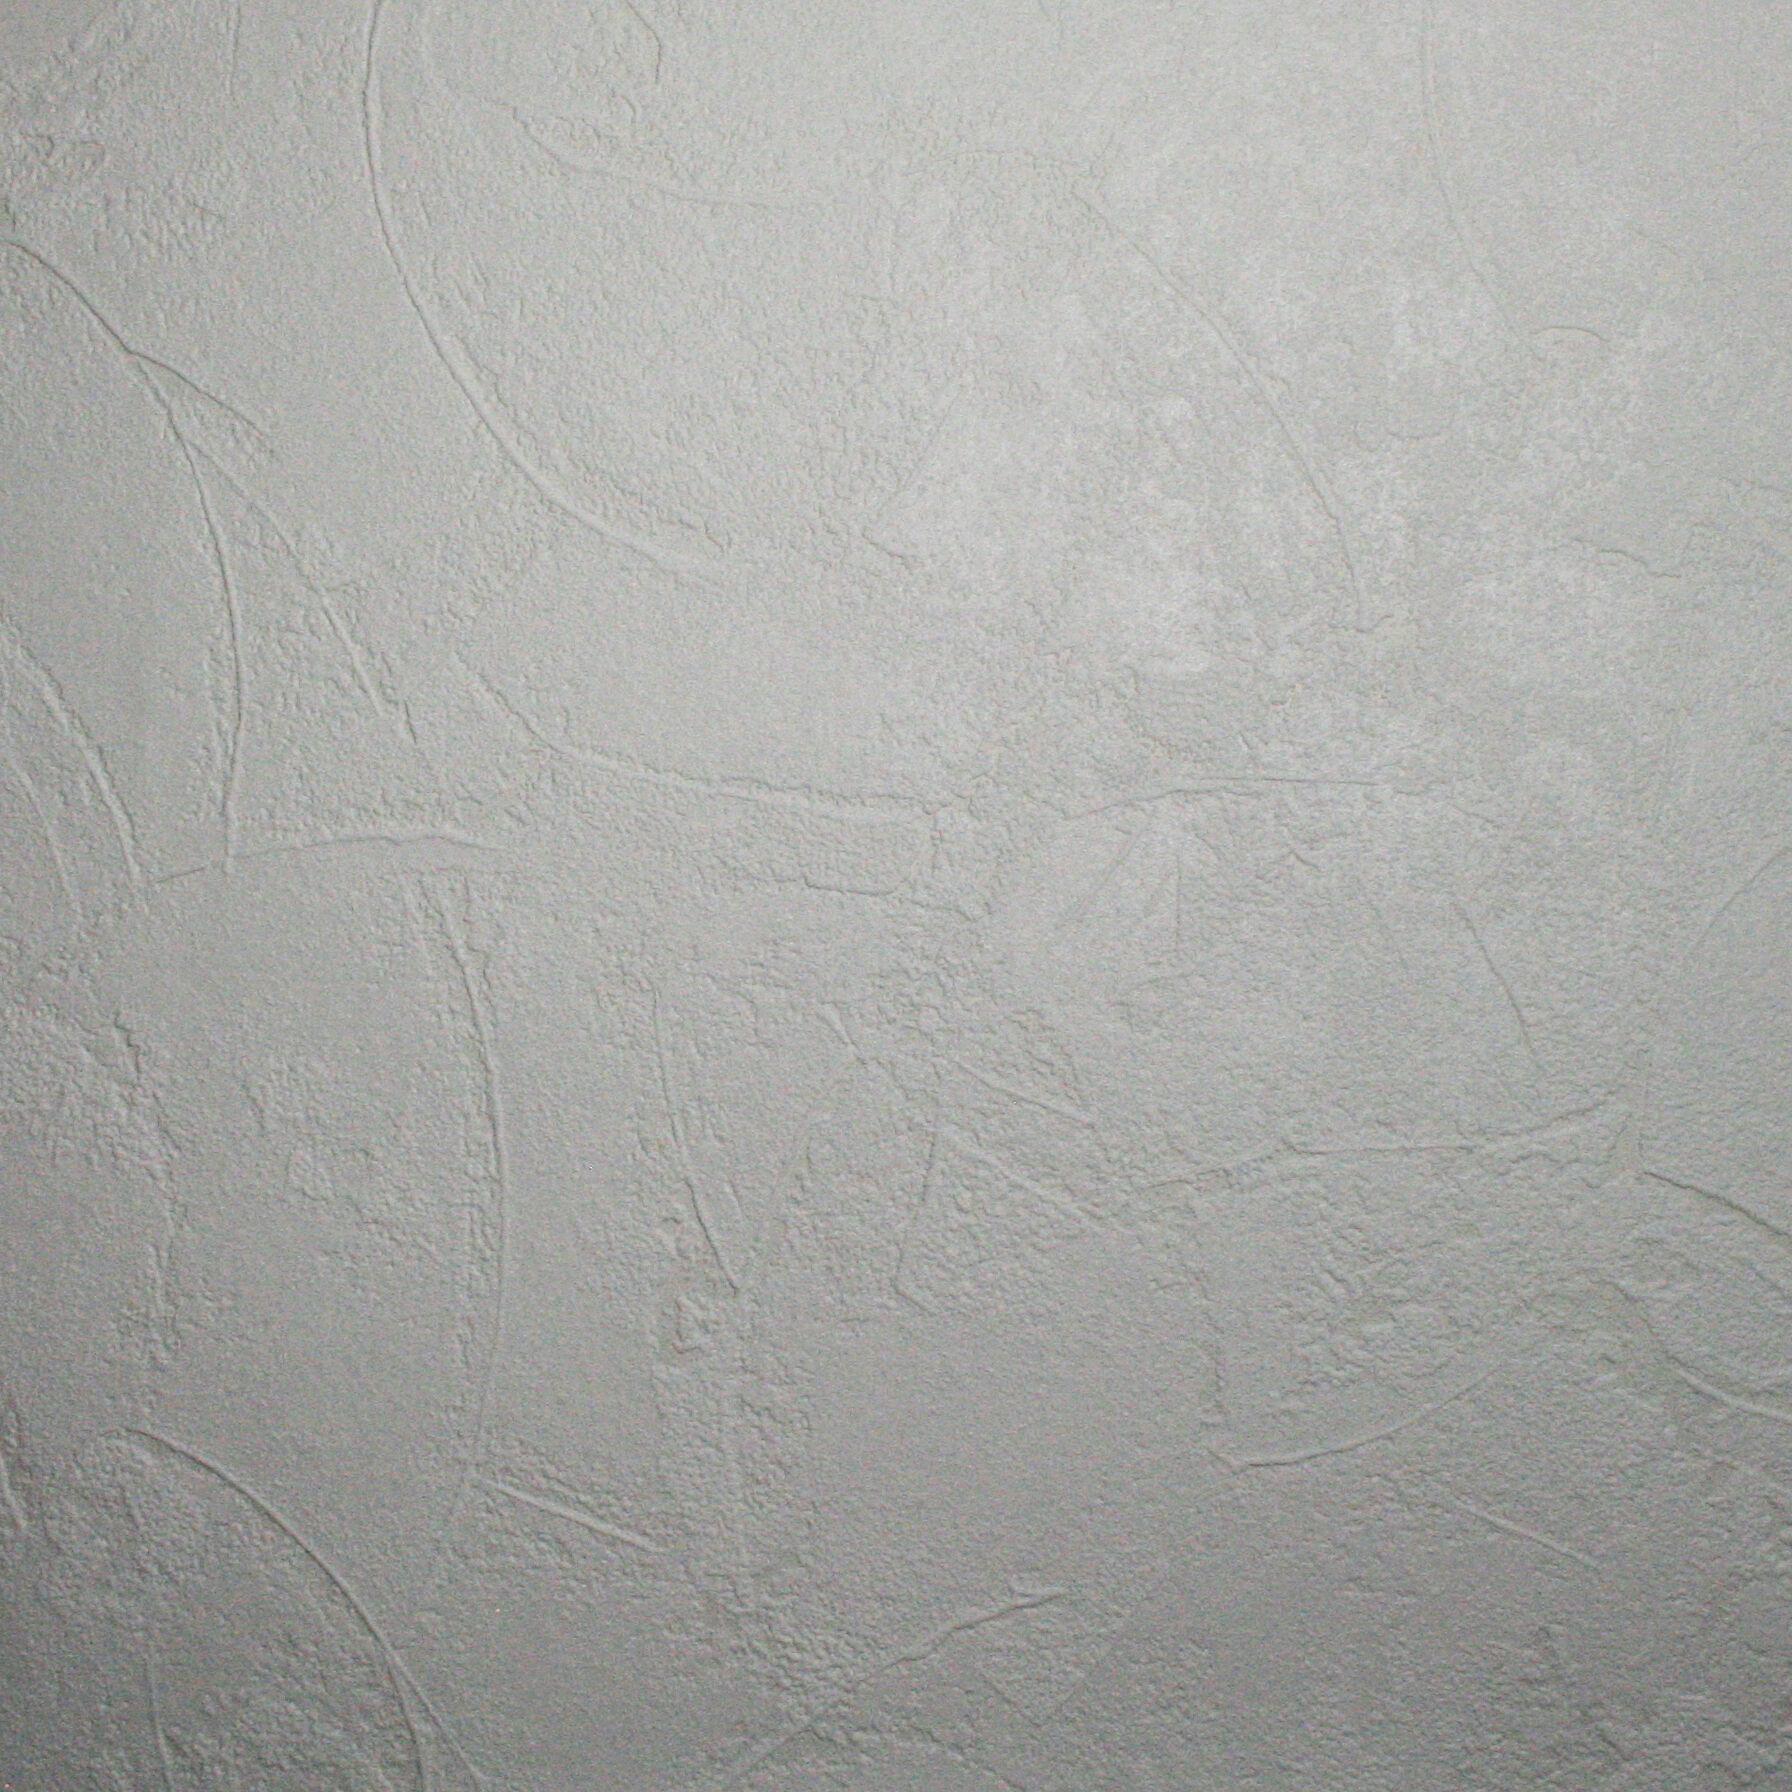 Plaster Wallpaper | Plaster Effect Wallpaper | Expanded Vinyl